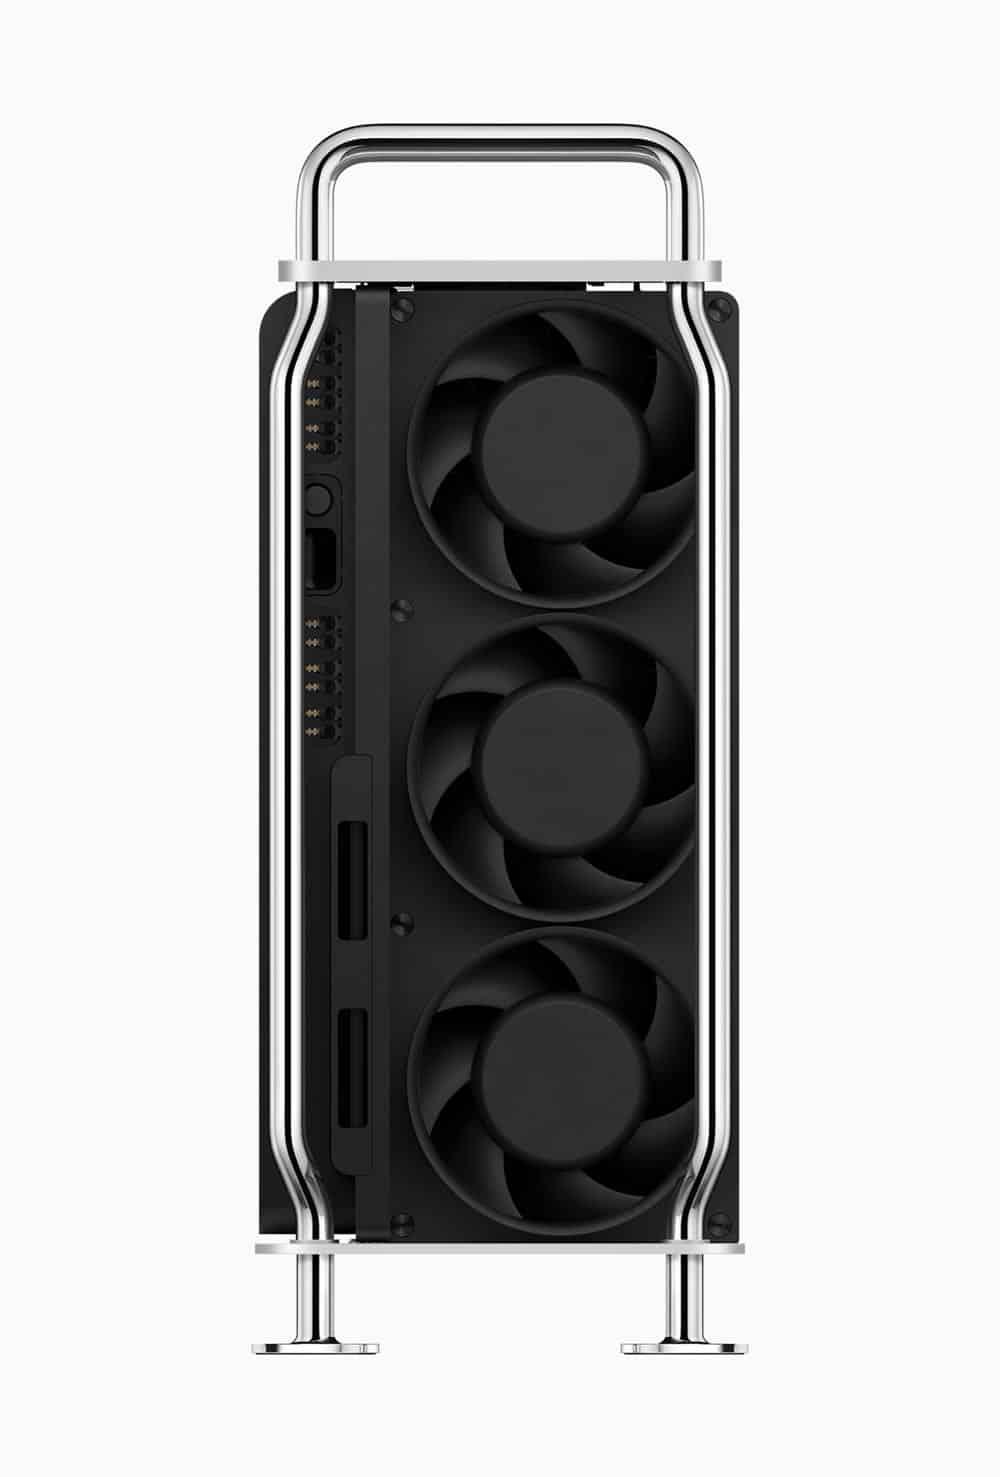 Apple Mac Pro Display Pro Mac Pro Fan 060319